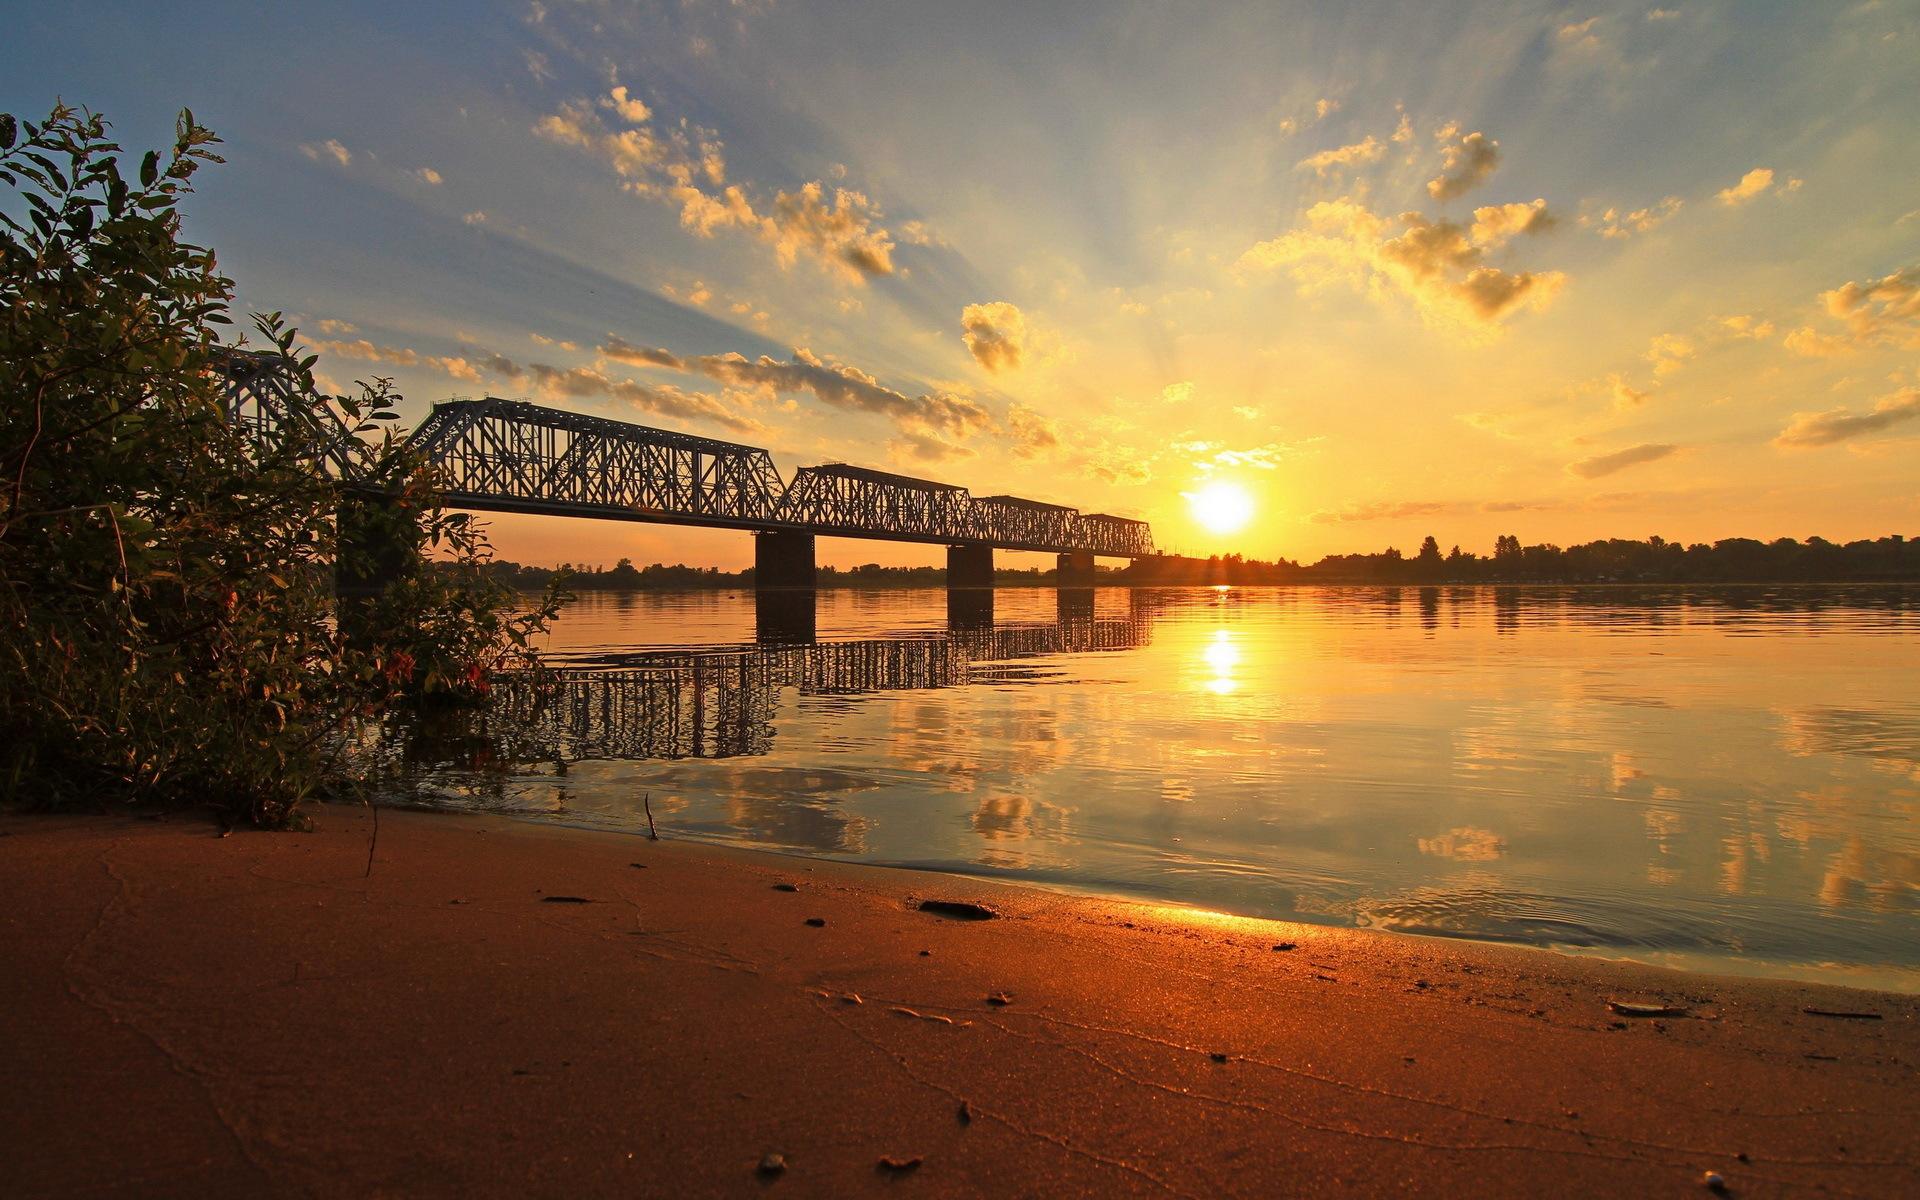 натяжные фотографировать рассвет с моста закружат вокруг хоровод